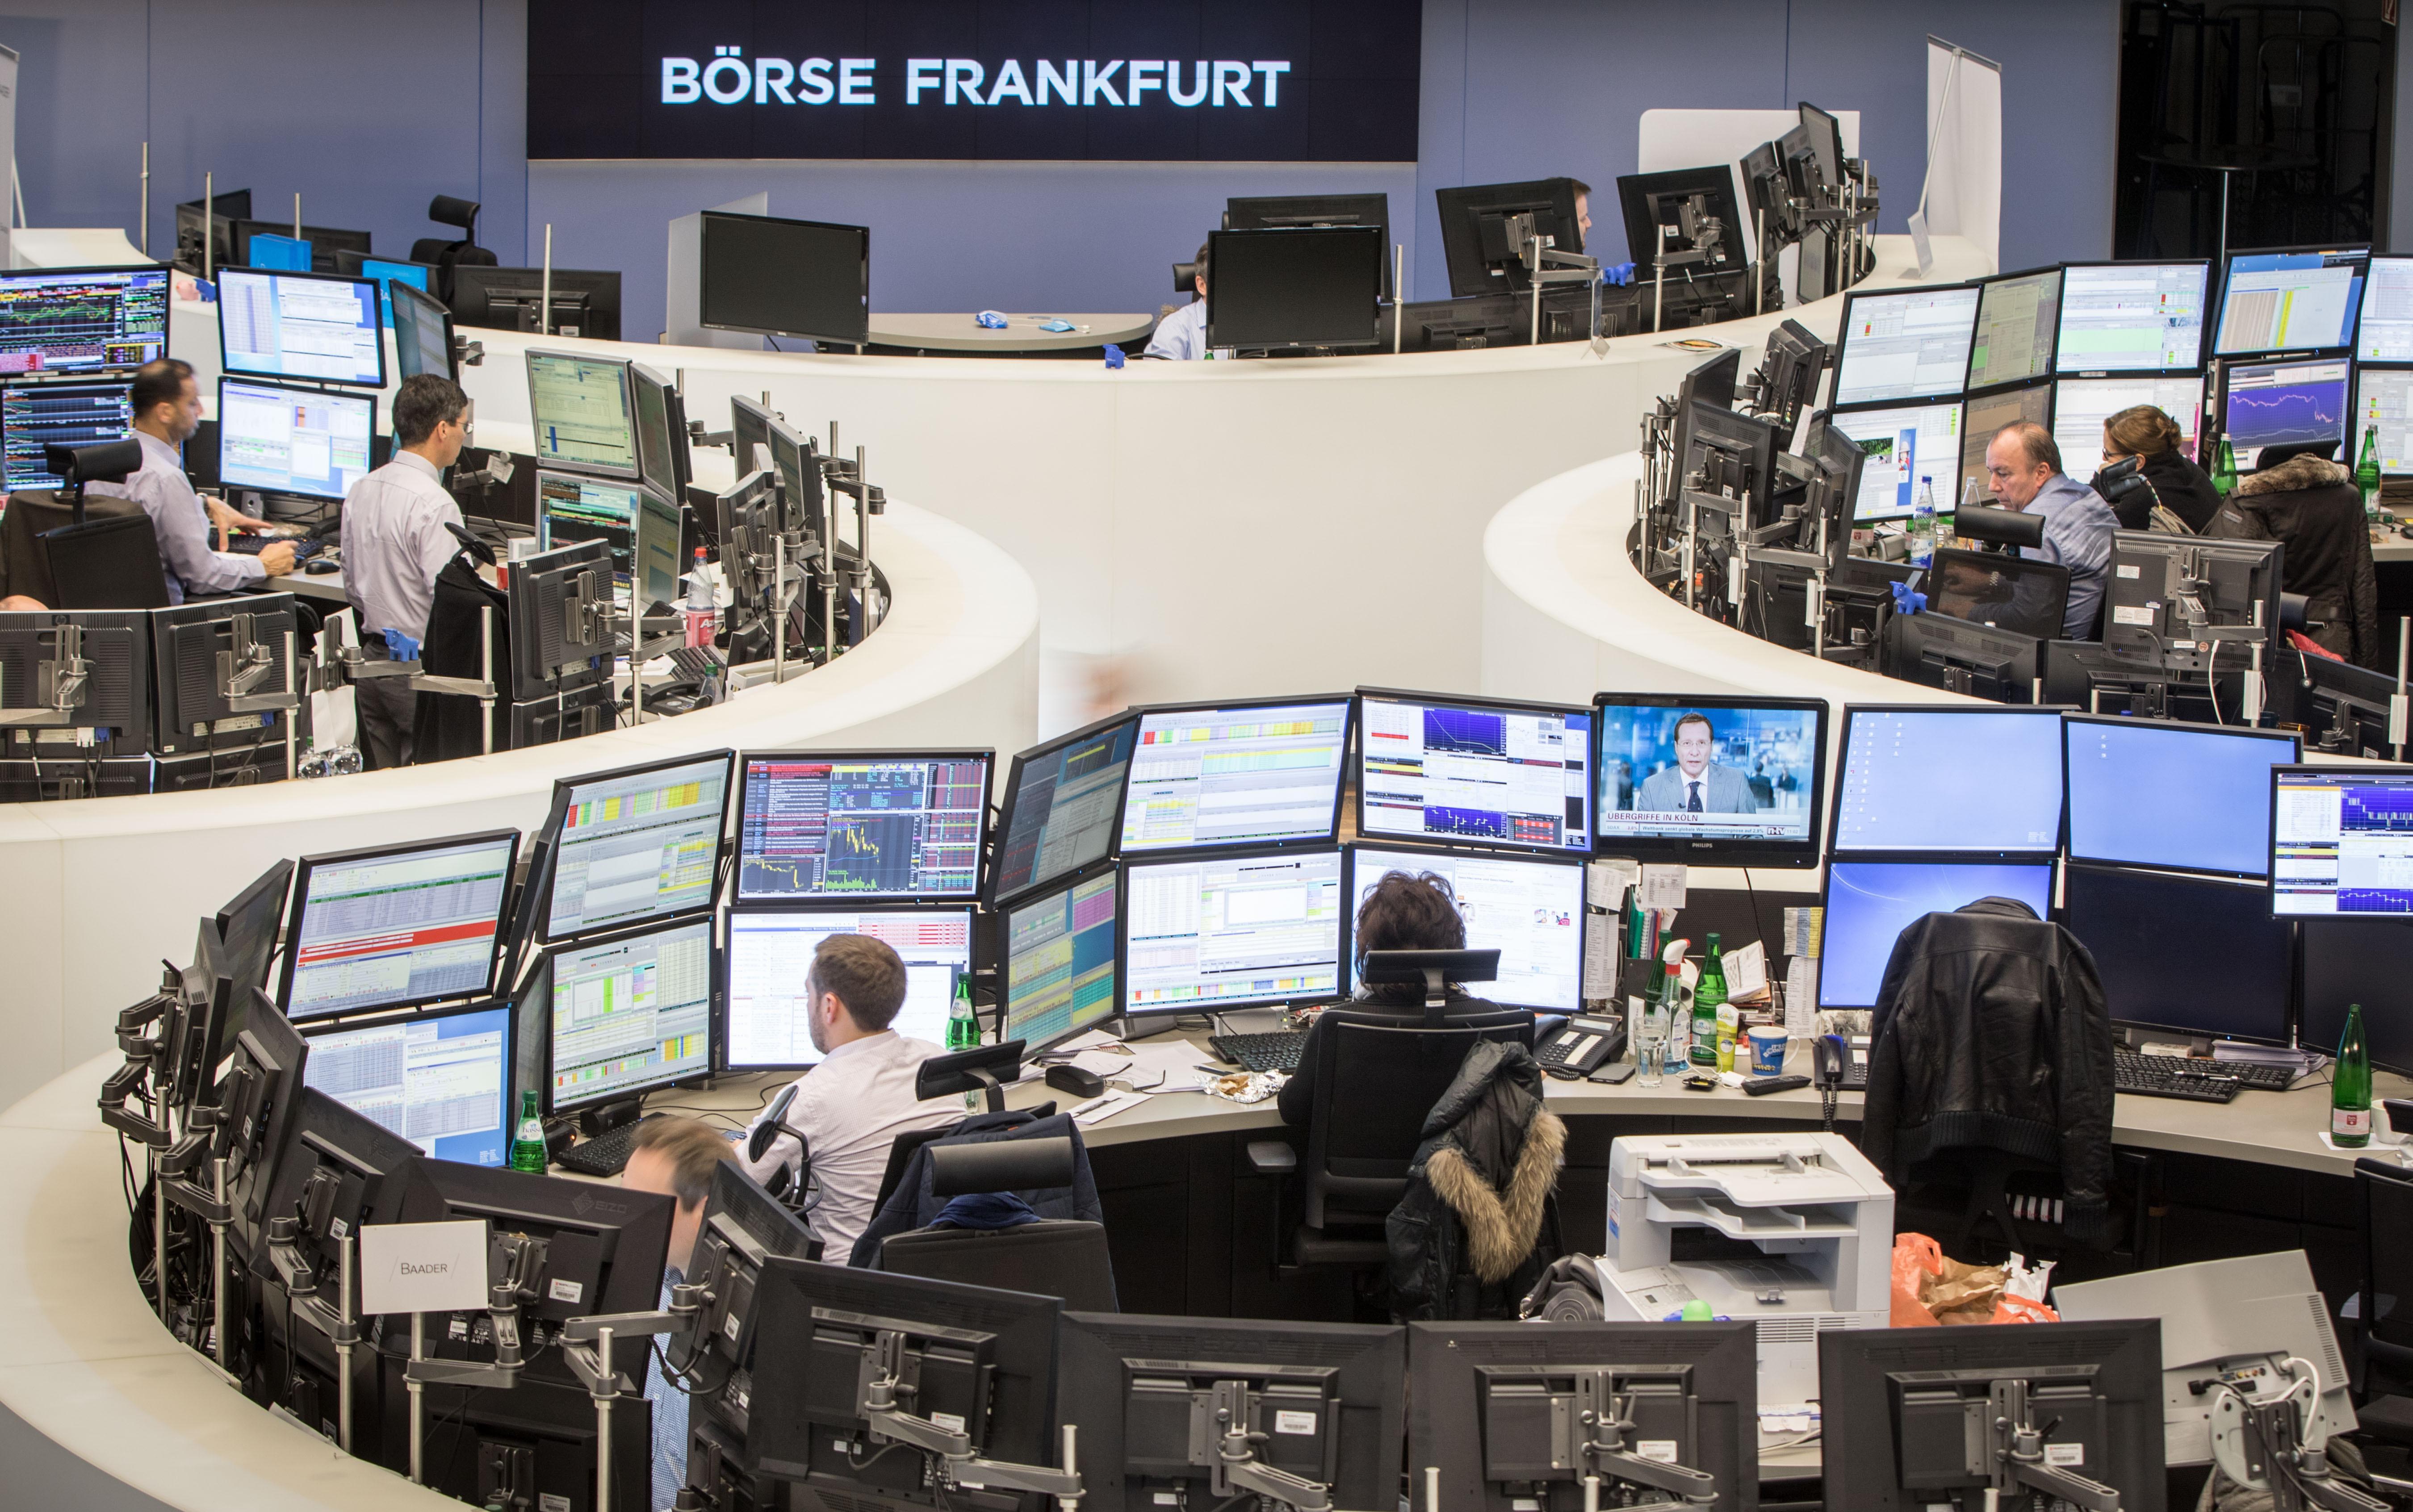 Borsa: Europa in rialzo con banche